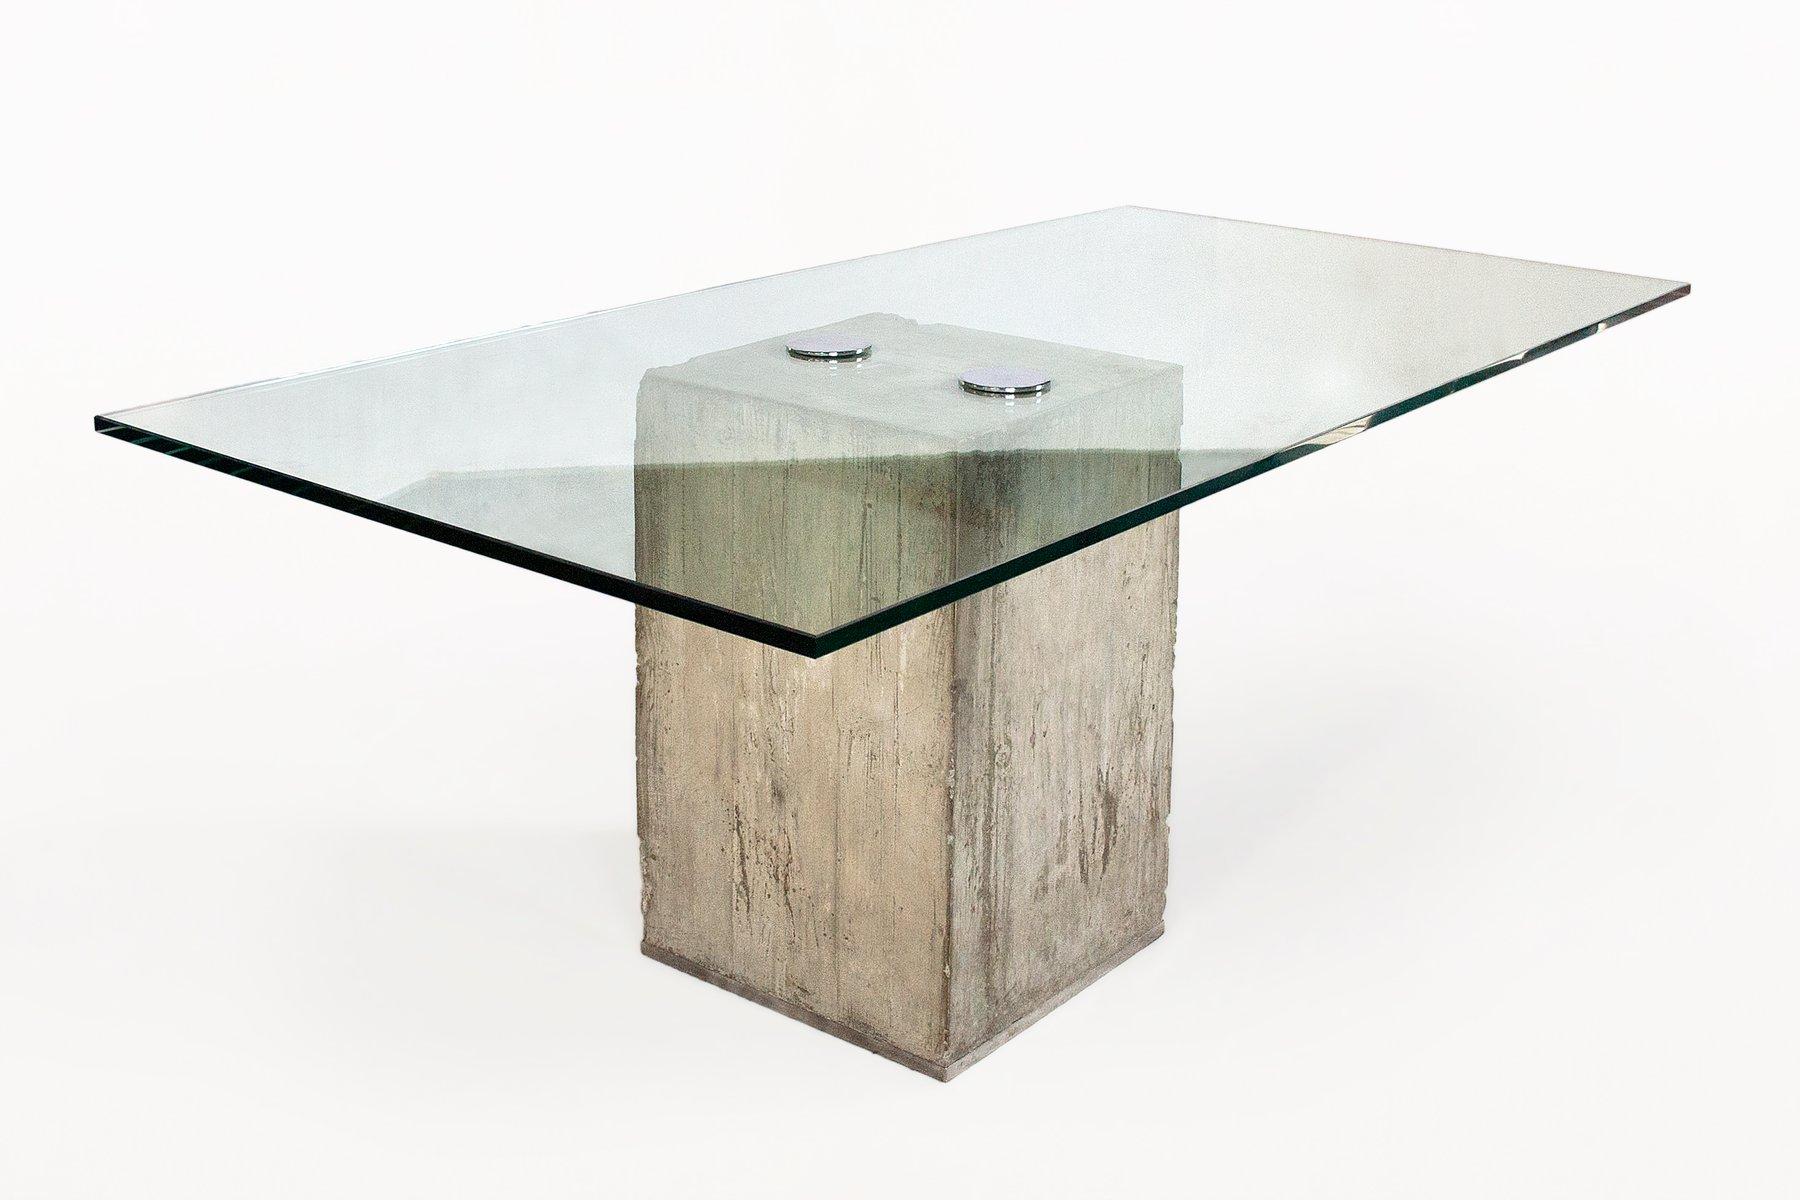 esstisch aus glas beton von sergio giorgio sporiti 1970er bei pamono kaufen. Black Bedroom Furniture Sets. Home Design Ideas